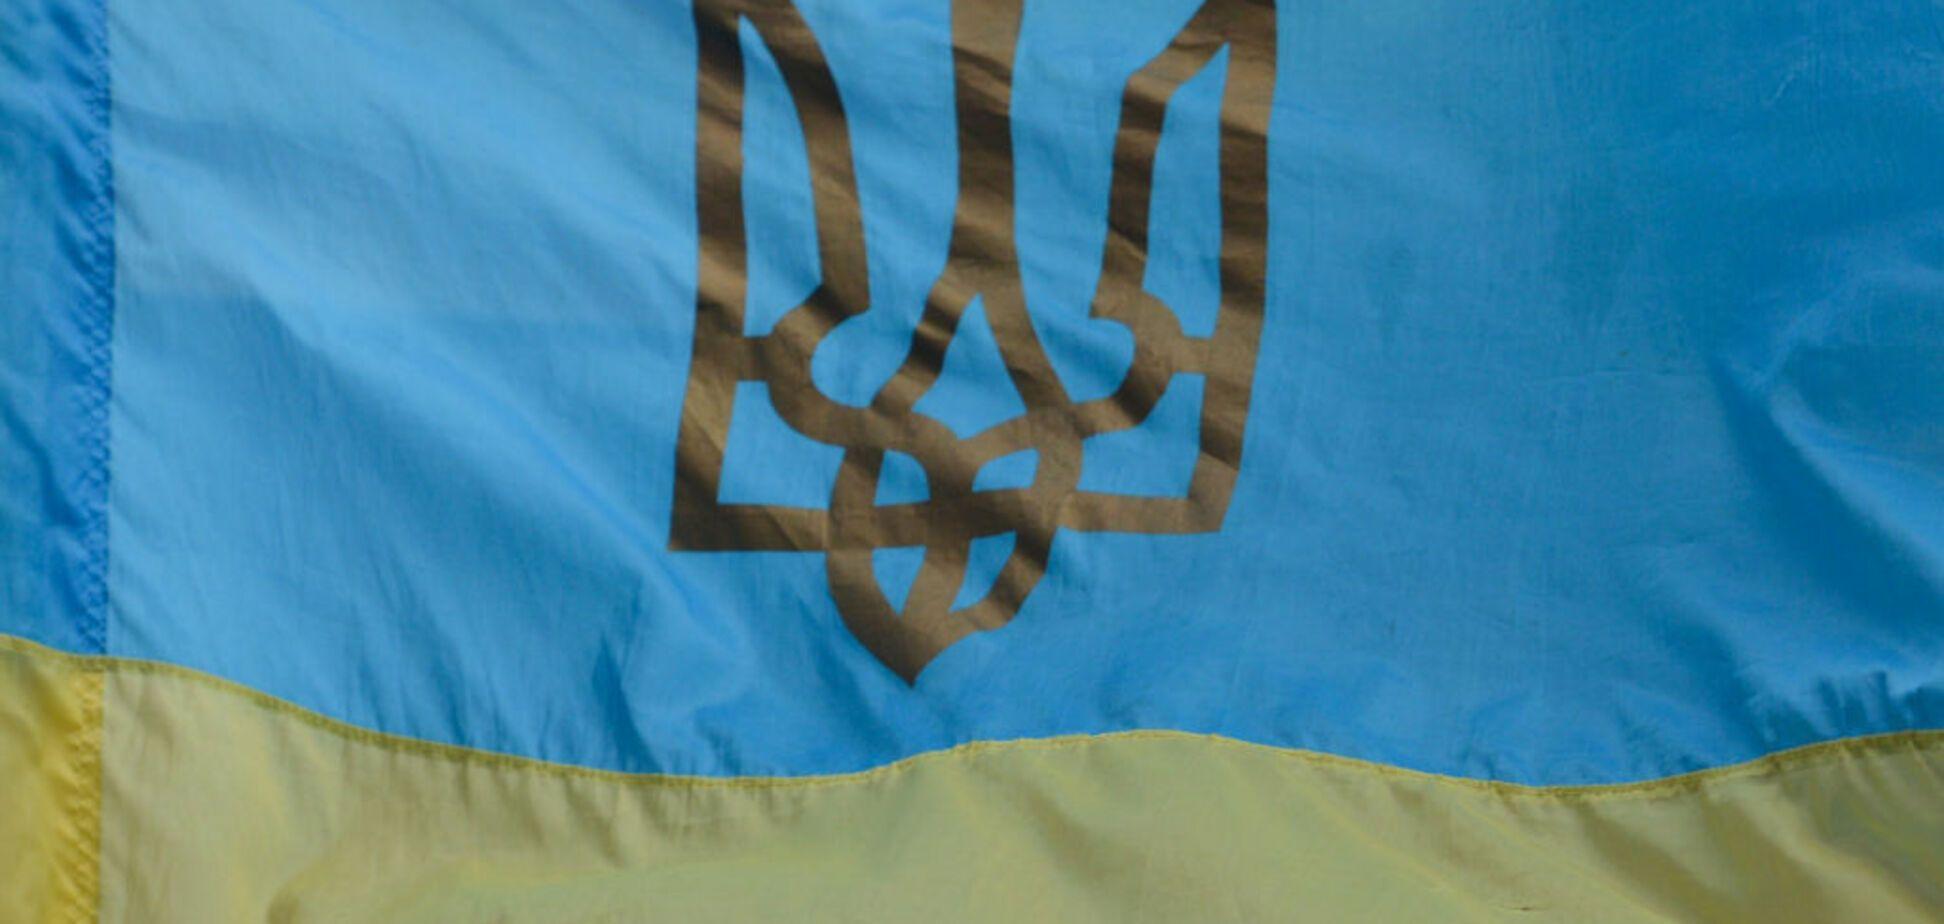 'Ситуація критична': дипломат назвав причину еміграції з України